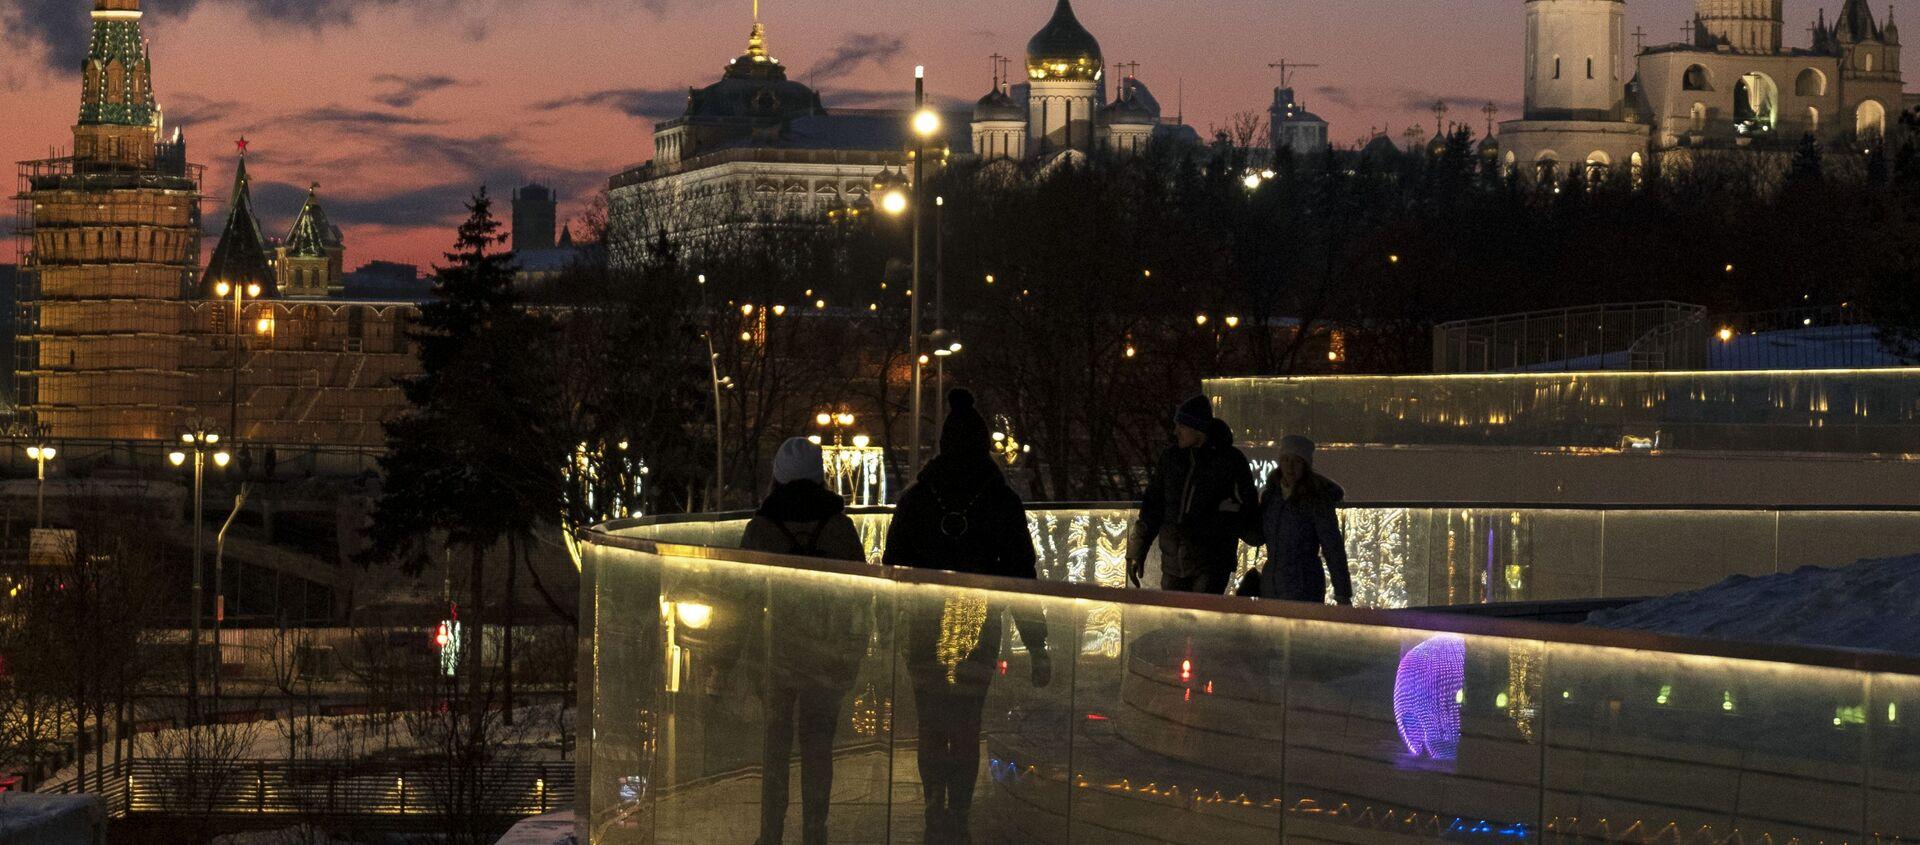 Посетители на Парящем мосту в природно-ландшафтном парке Зарядье в Москве - Sputnik Latvija, 1920, 13.02.2020